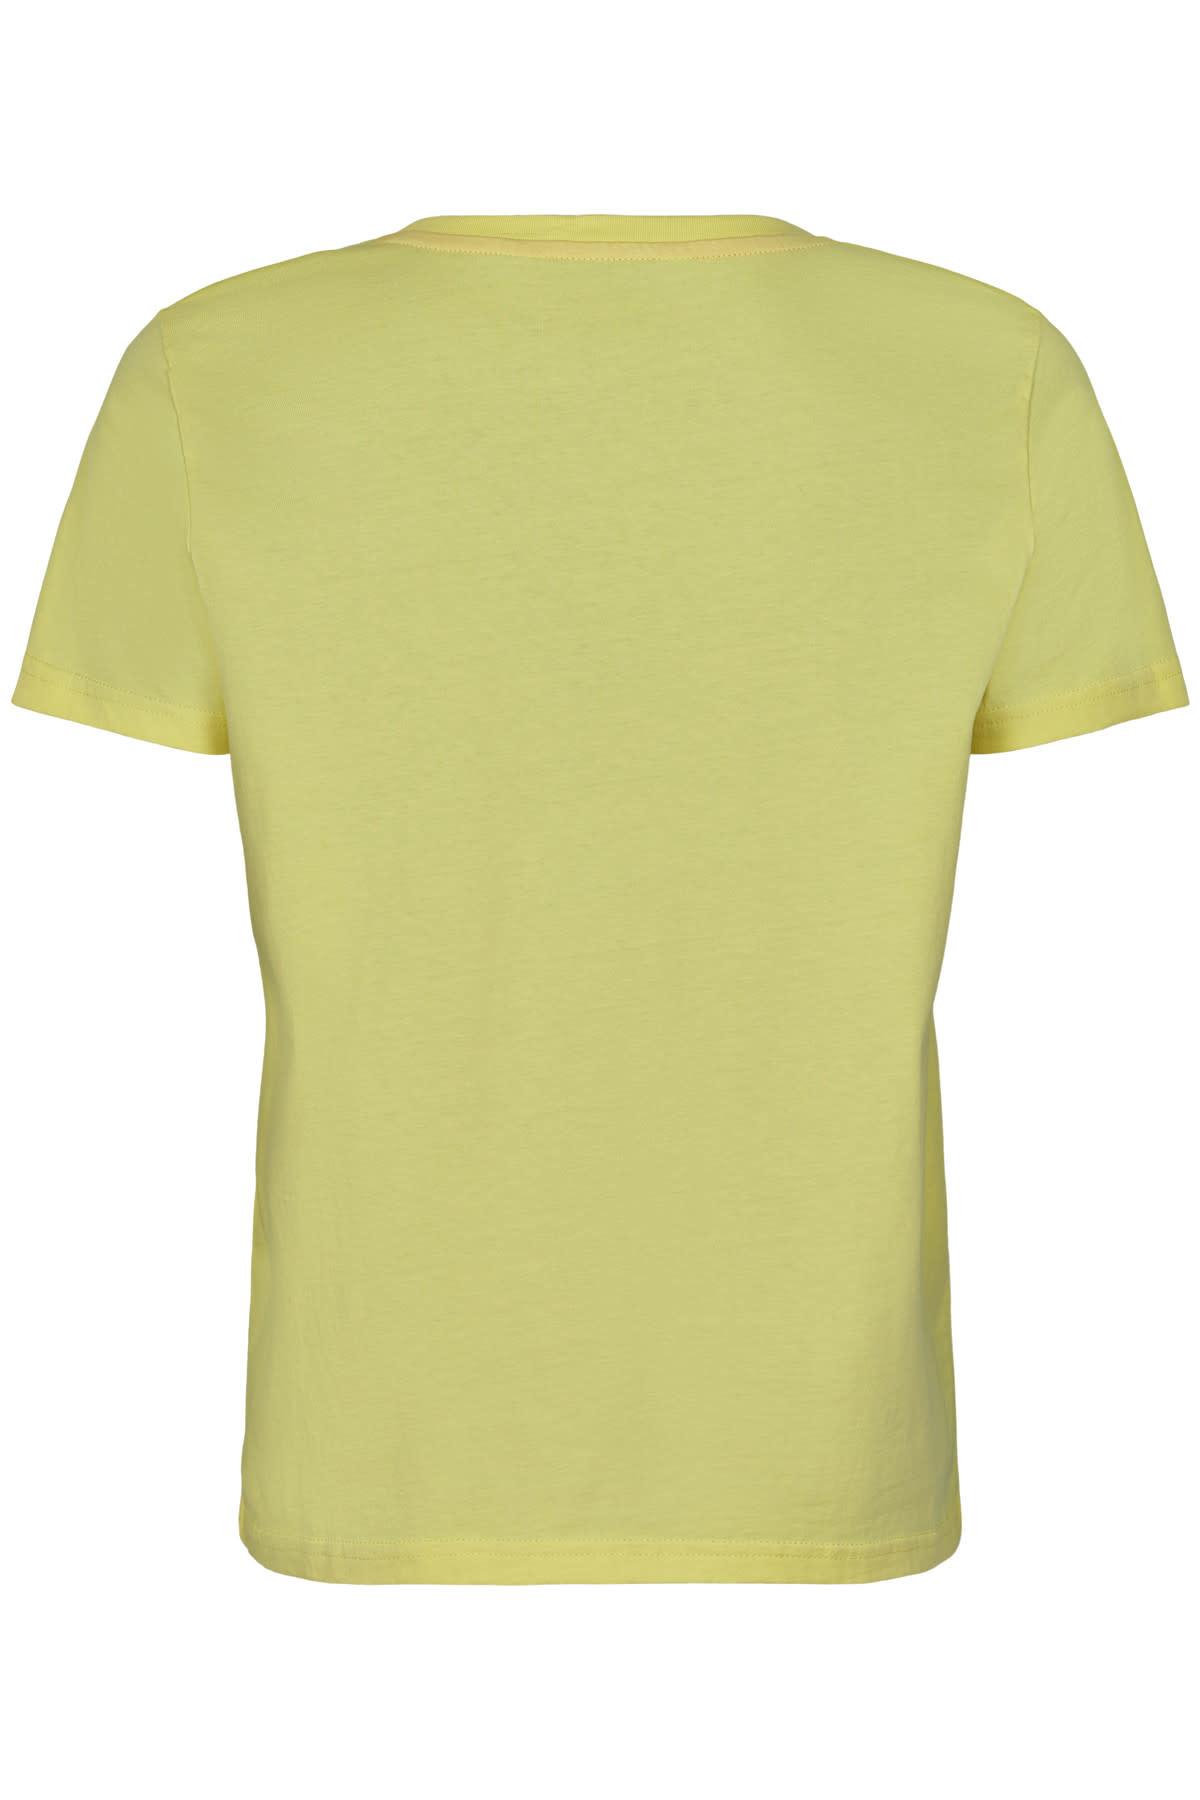 Nümph Bryce T-shirt S20 - Geel